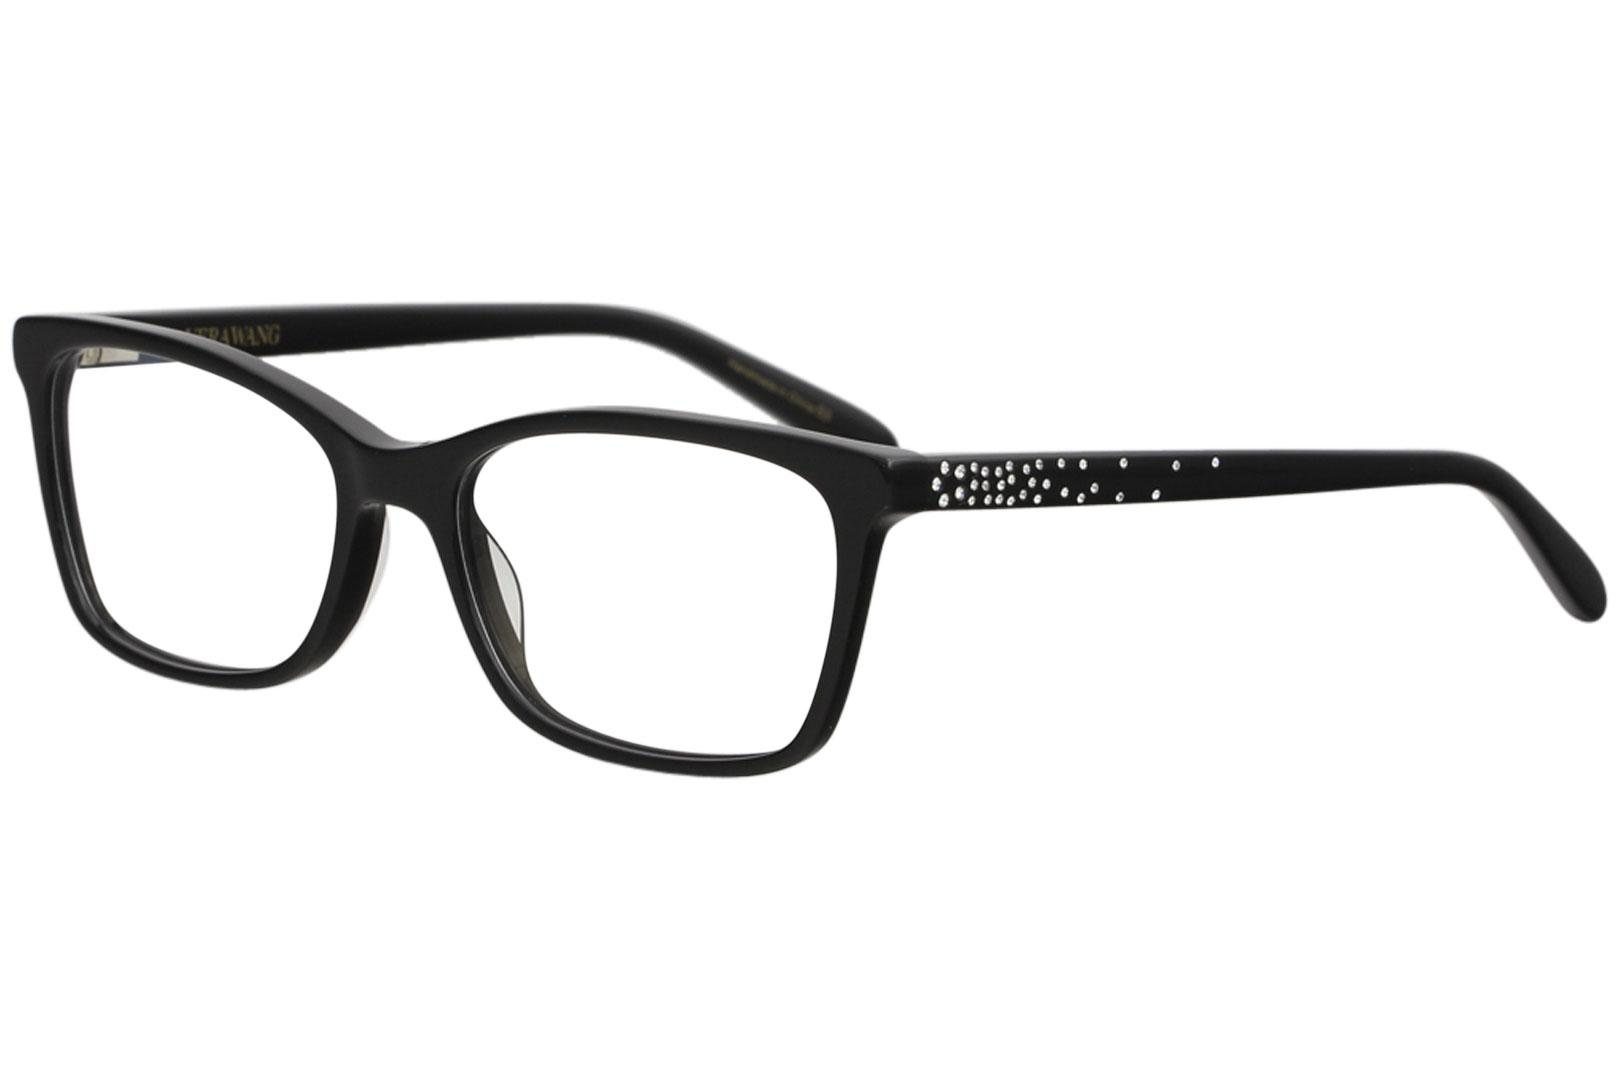 21bf05d99bb Vera Wang Eyeglasses Silvia Full Rim Optical Frame by Vera Wang